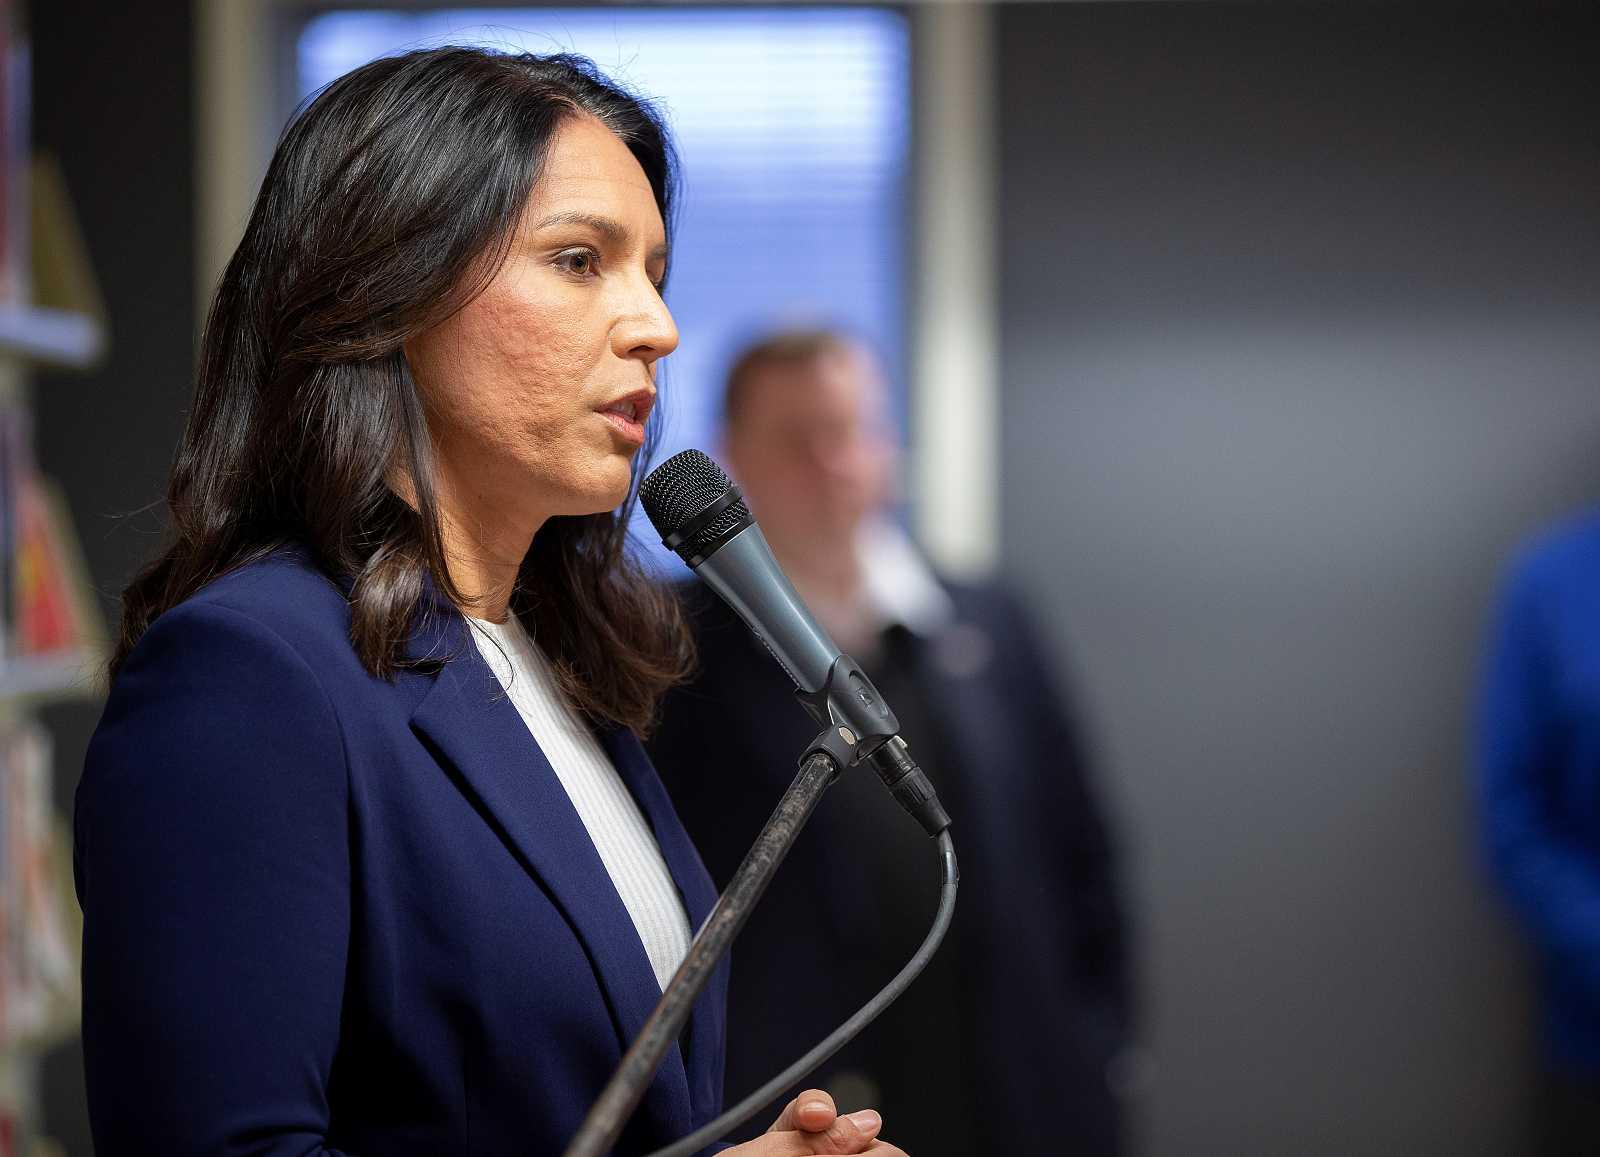 Fotografía de archivo del 21 de marzo de 2019 que muestra a la congresista demócrata por Hawai, Tulsi Gabbard.